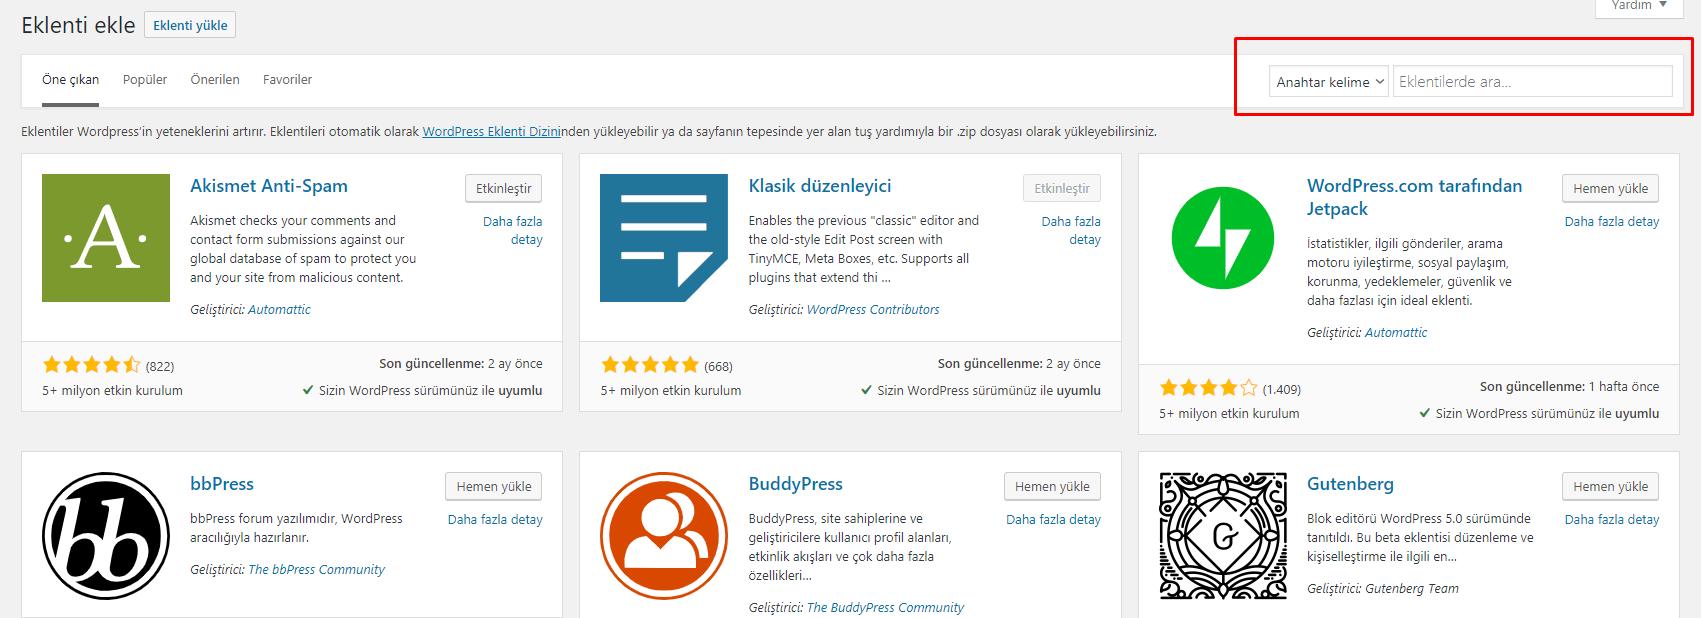 Wordpress Faydalı Eklentiler, Eklenti Nasıl